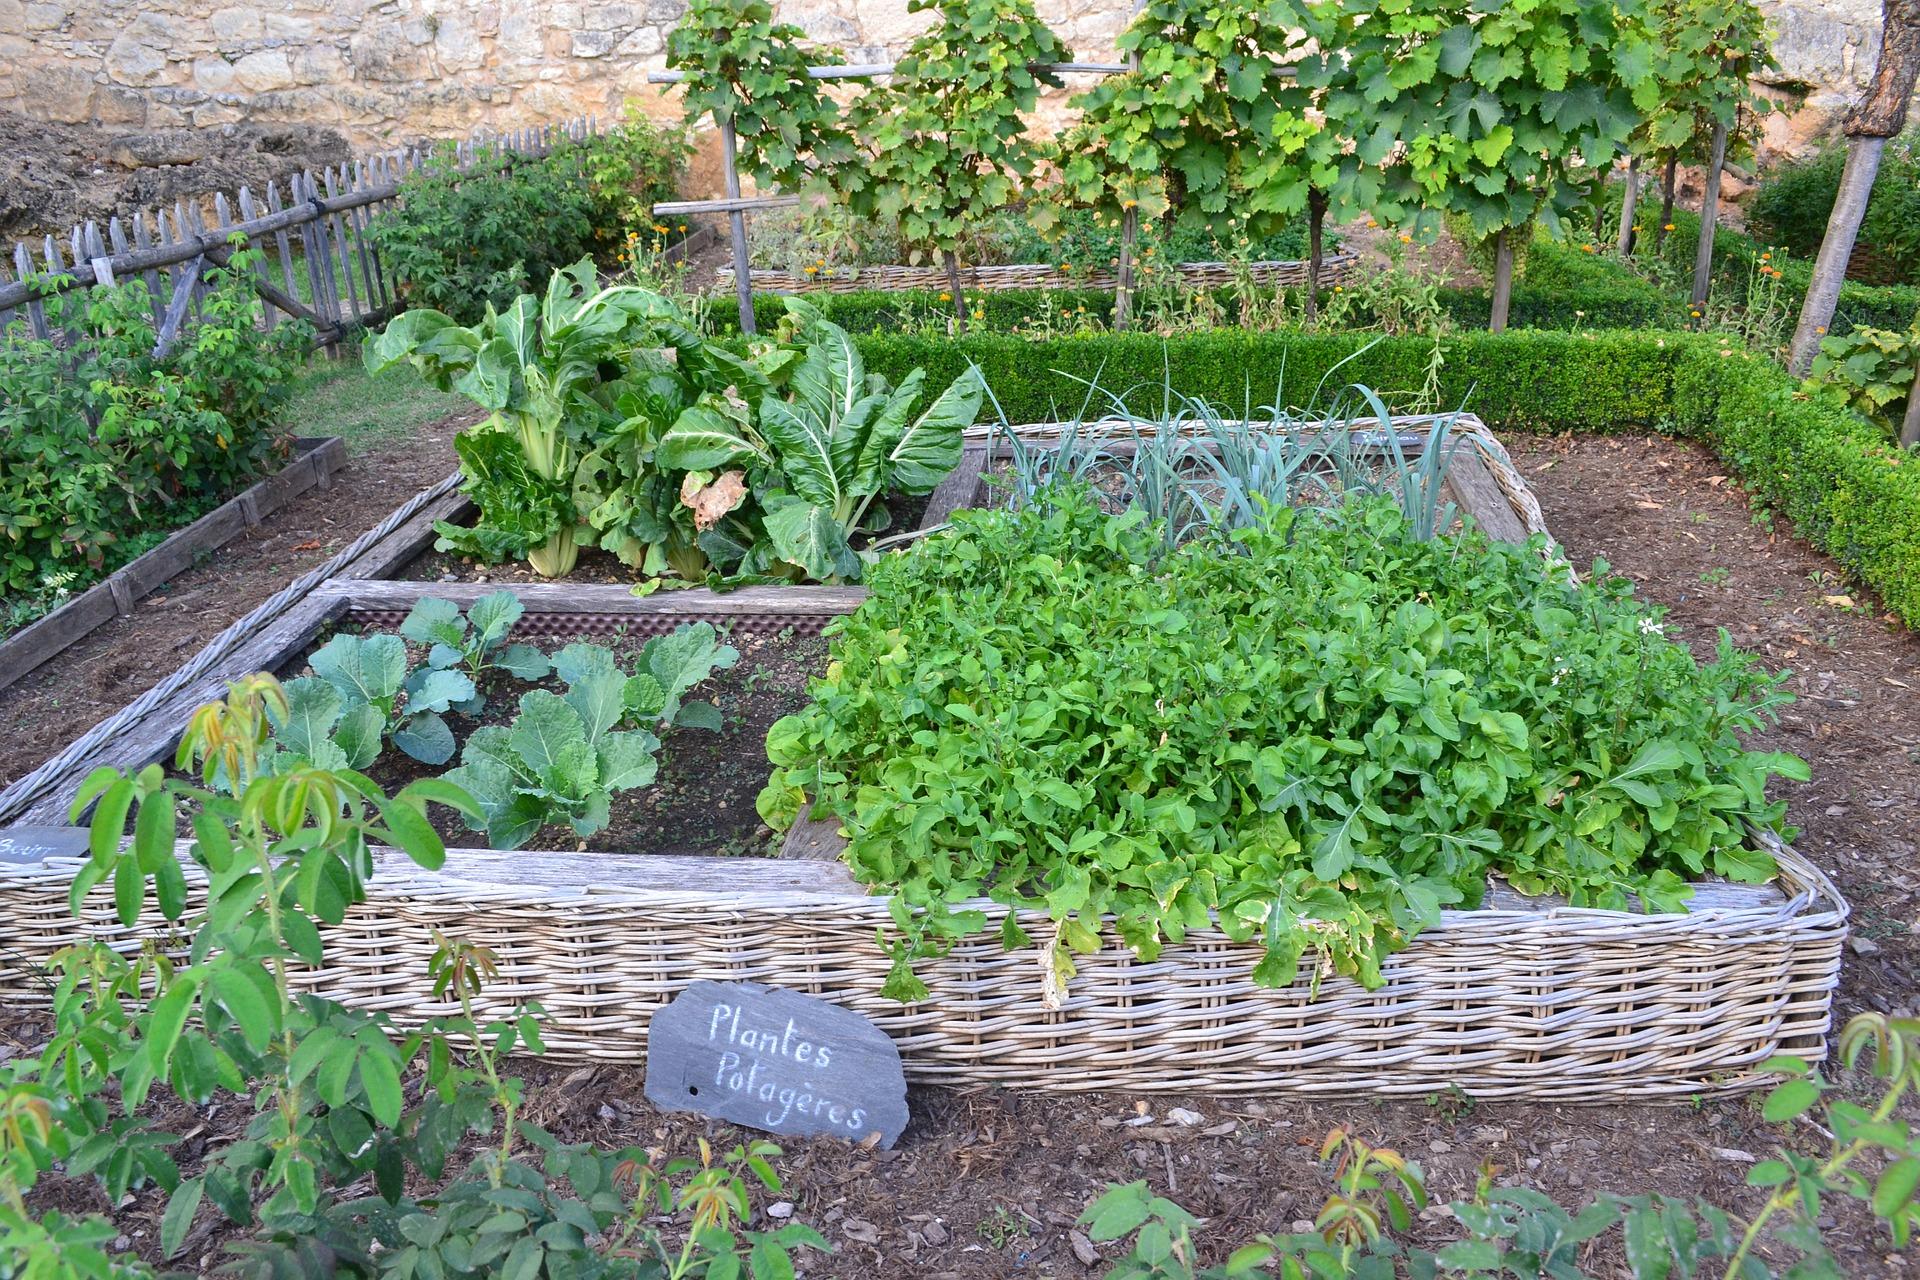 So kann ein gemischtes Beet mit Gemüsepflanzen und Blumen aussehen.